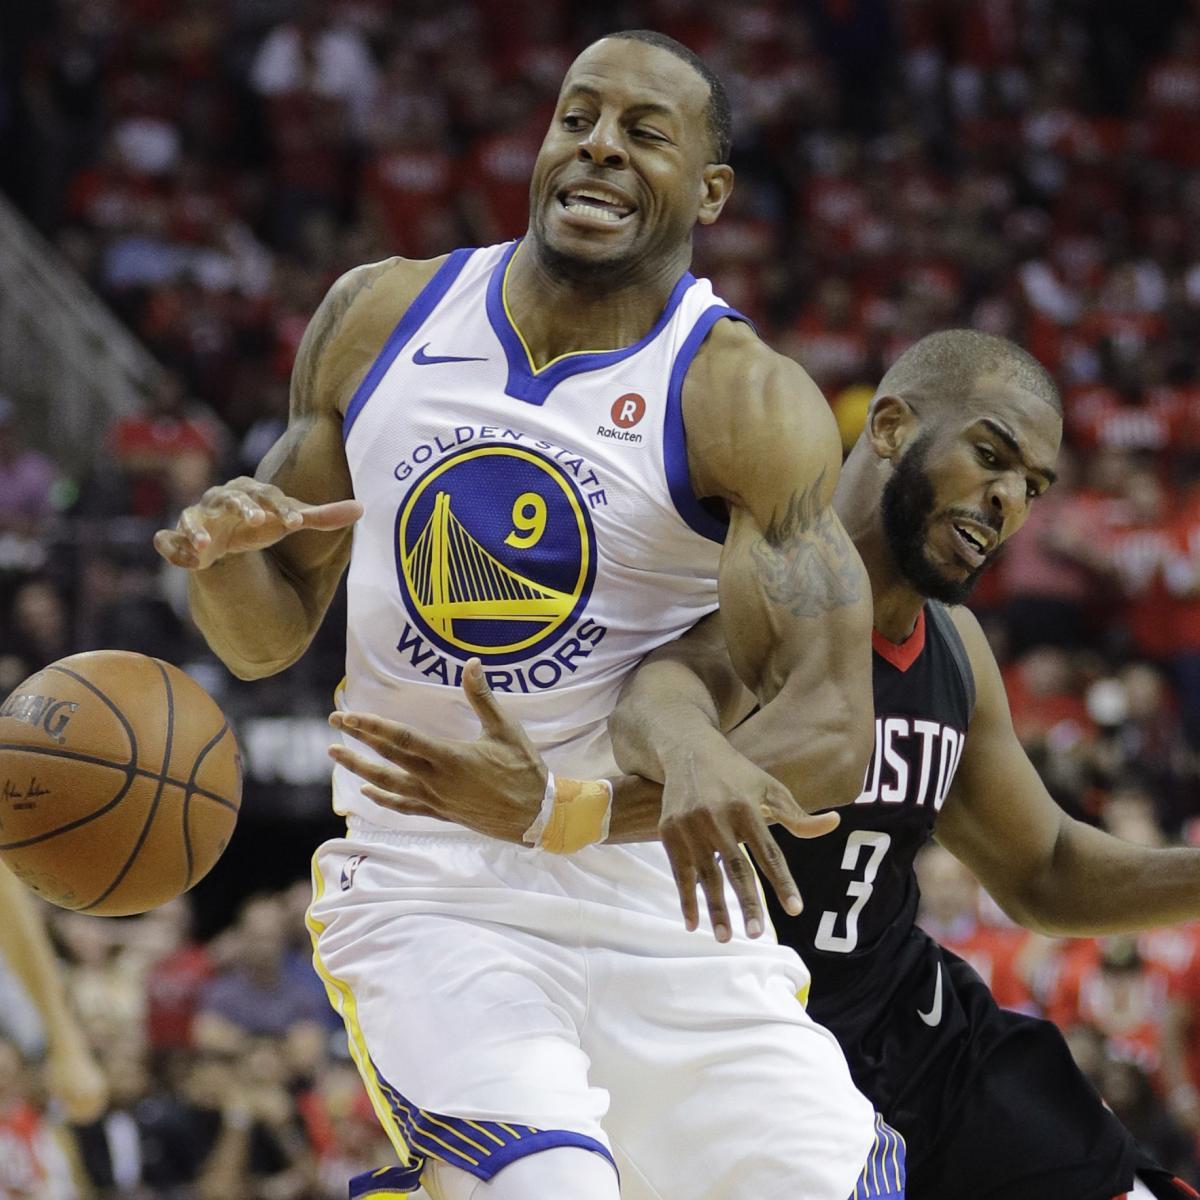 Warriors' Andre Iguodala Doubtful For Game 4 Vs. Rockets